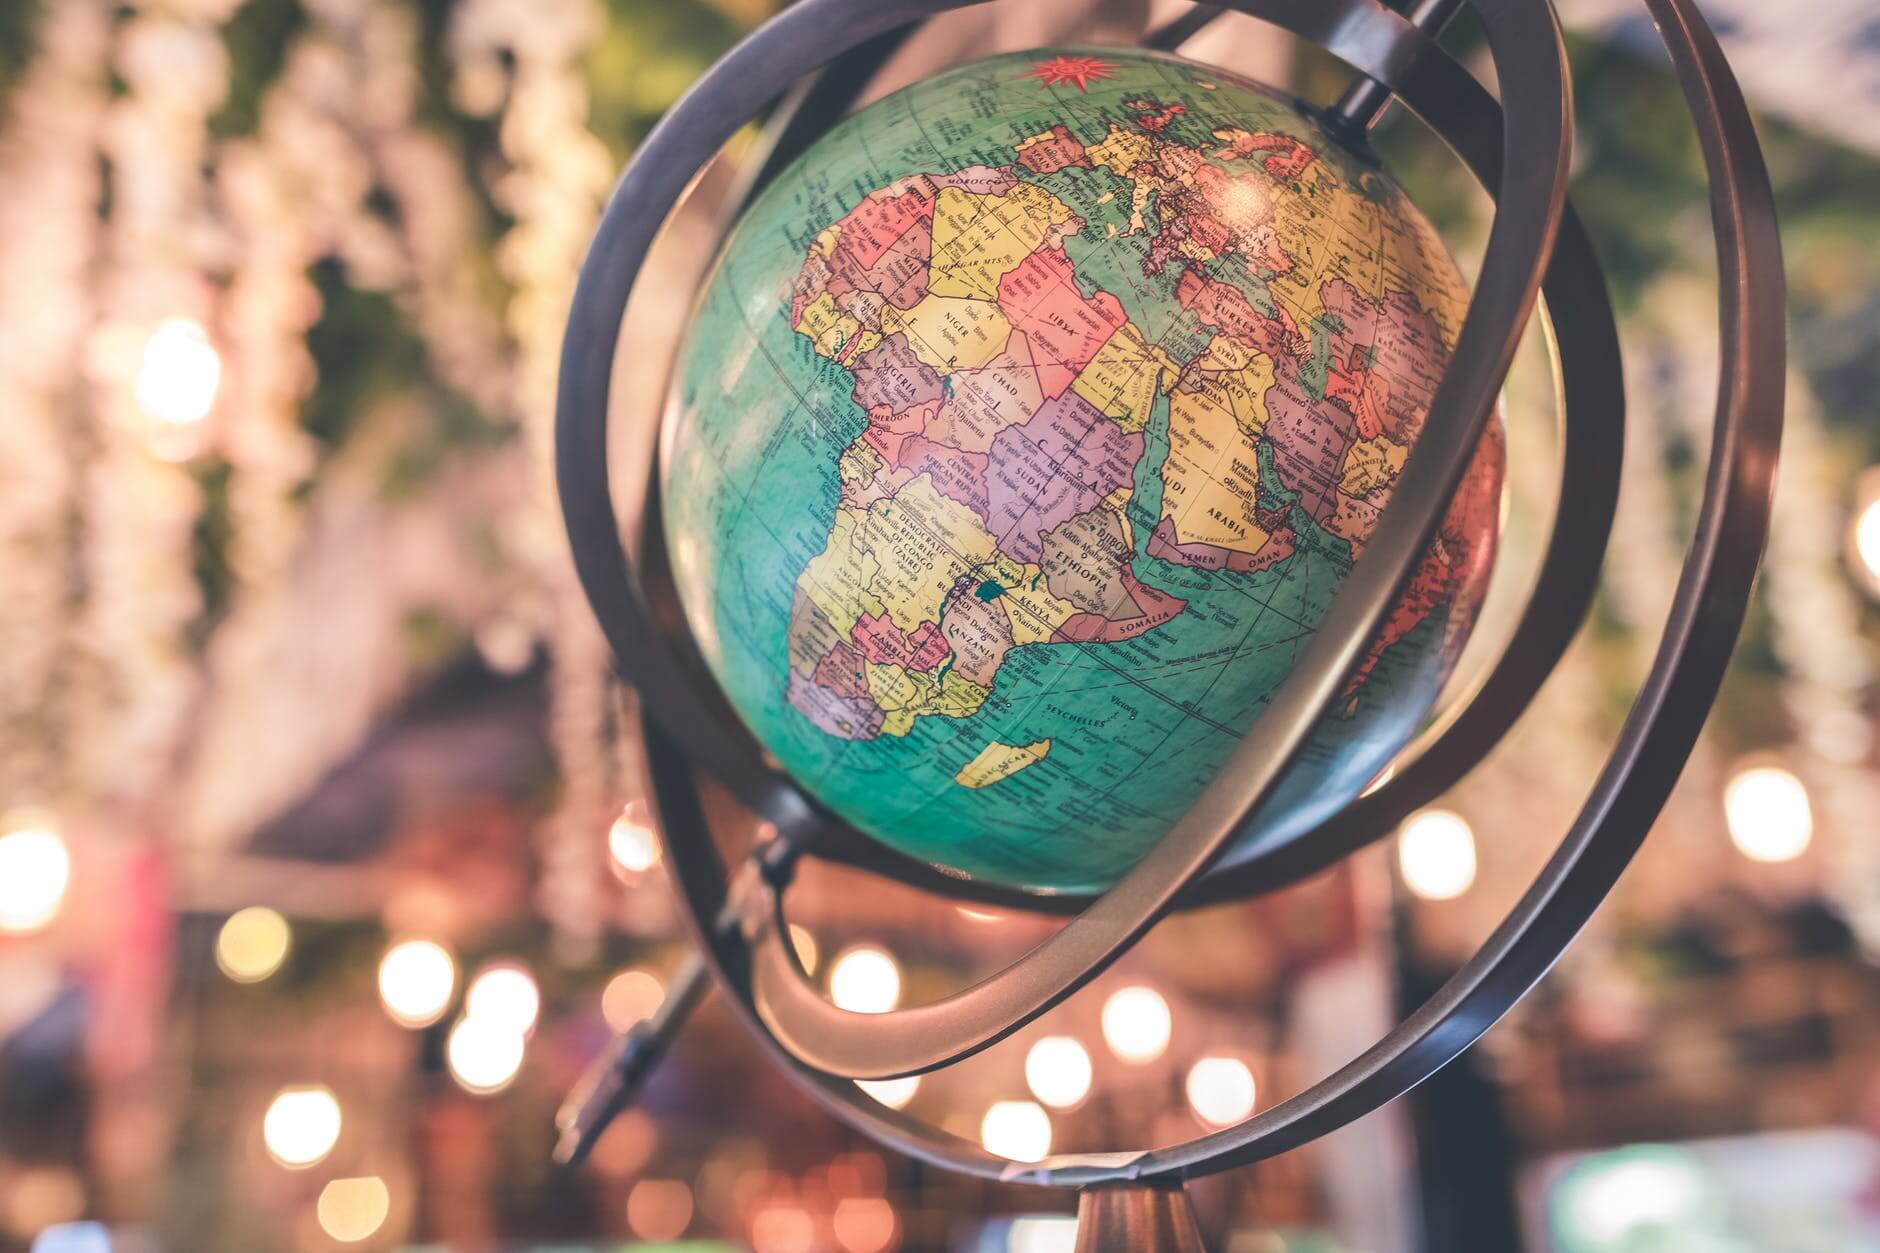 Dünya Küresi, World Sphere